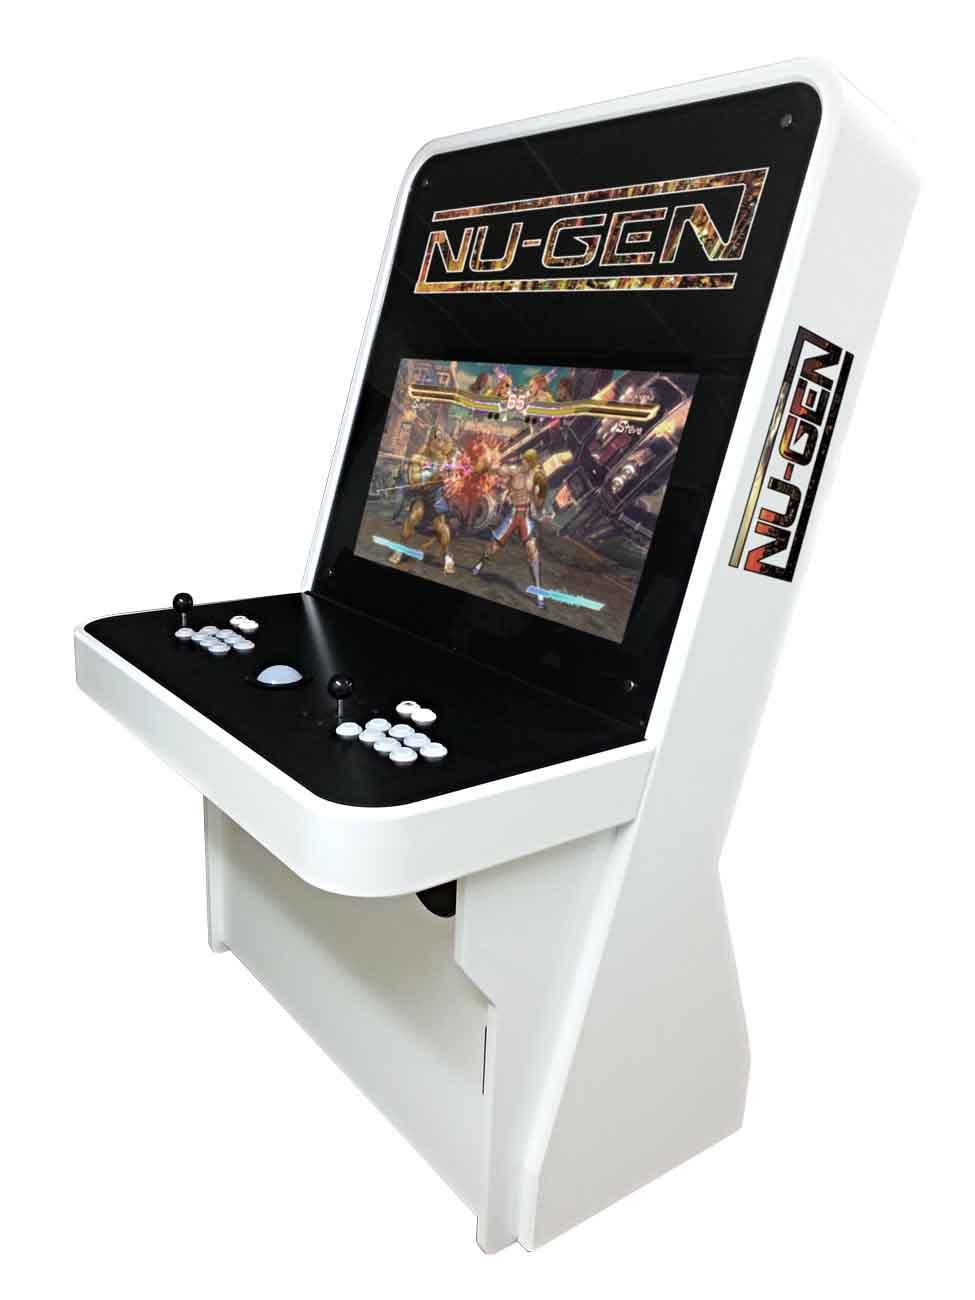 bespoke-arcades-nu-gen